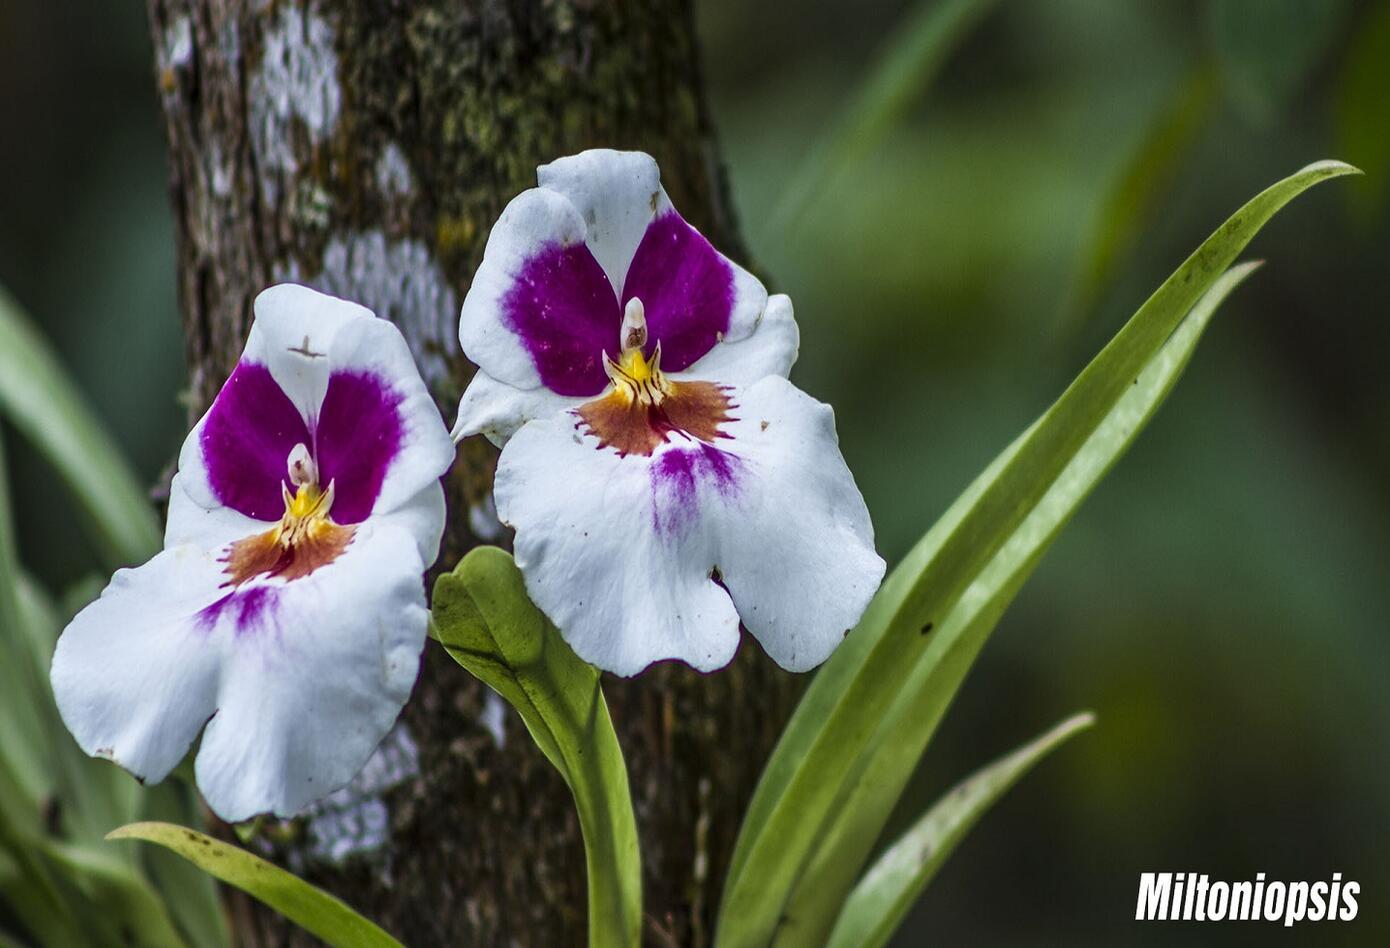 Orquídea Miltoniopsis